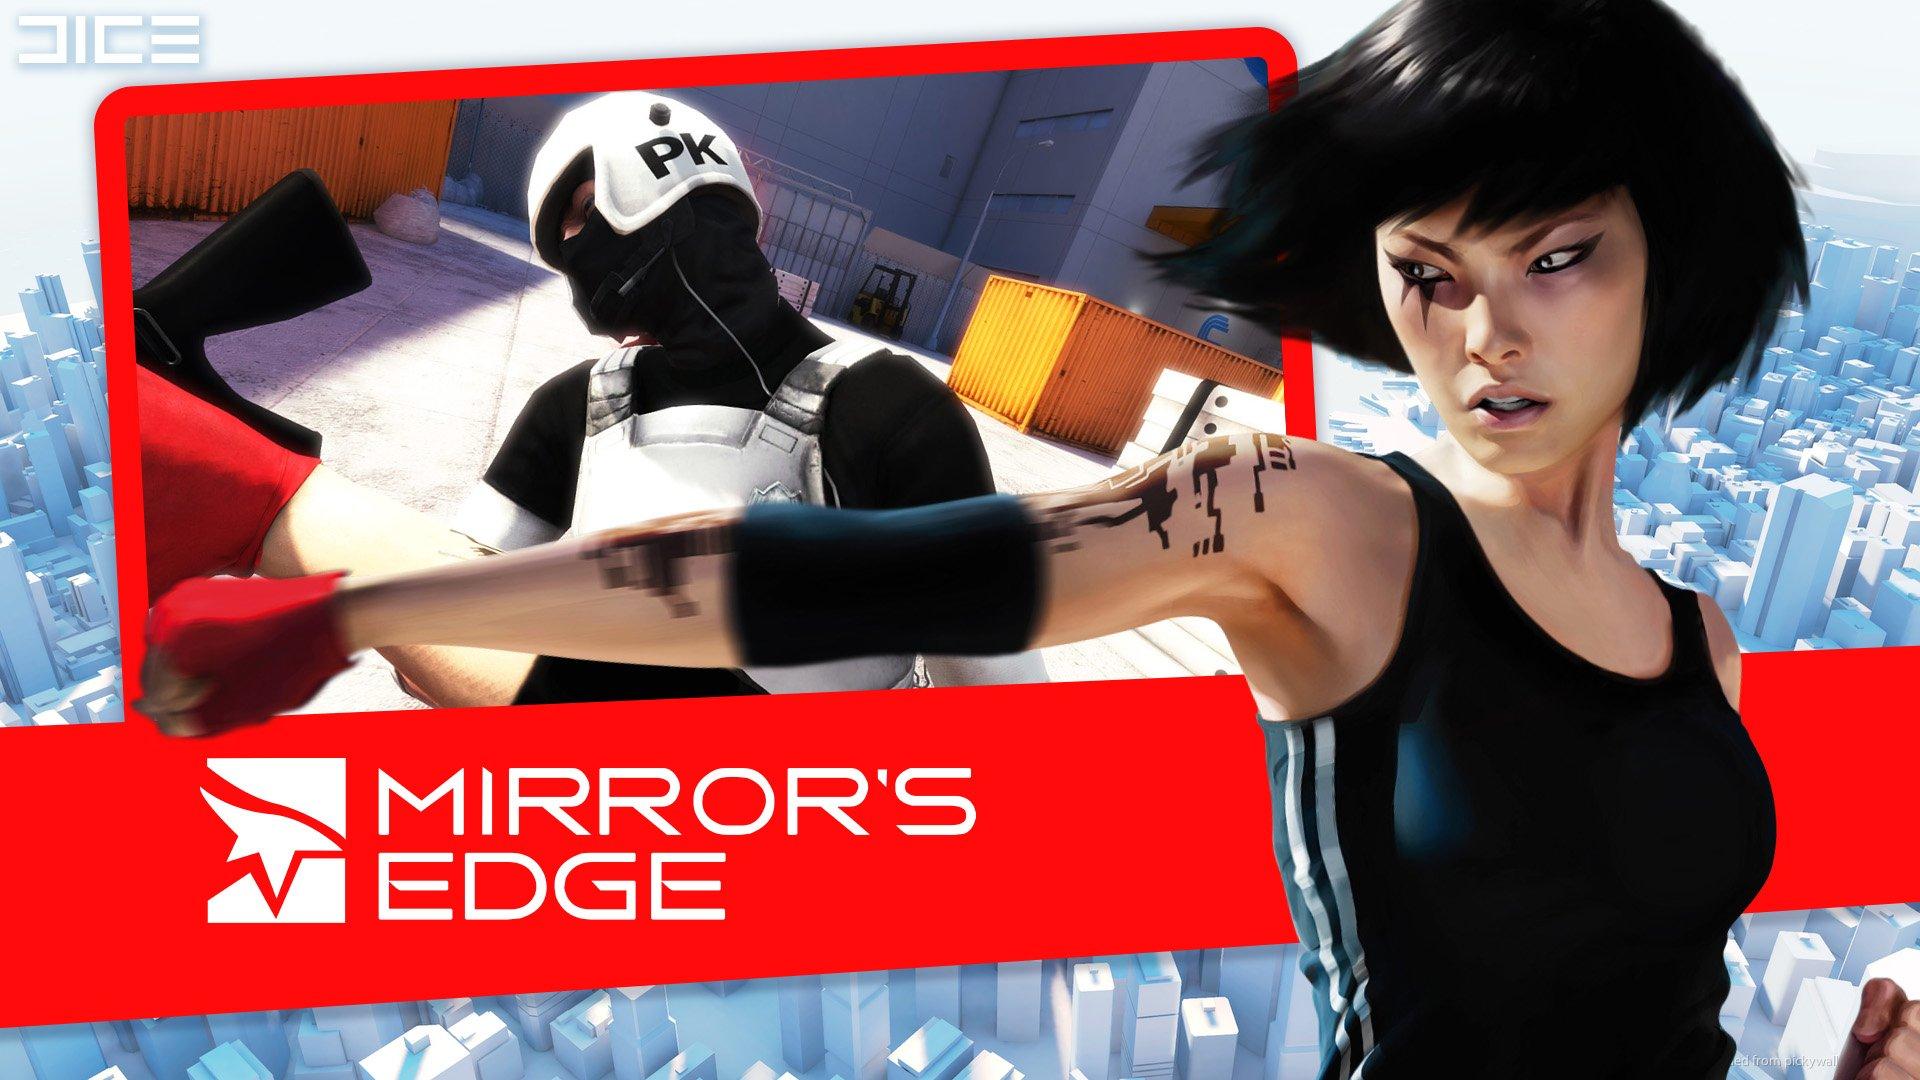 1708273602_MirrorsEdgetheme-preview.jpg.2d0f7f843dcb7ed90704e408604bdcc4.jpg